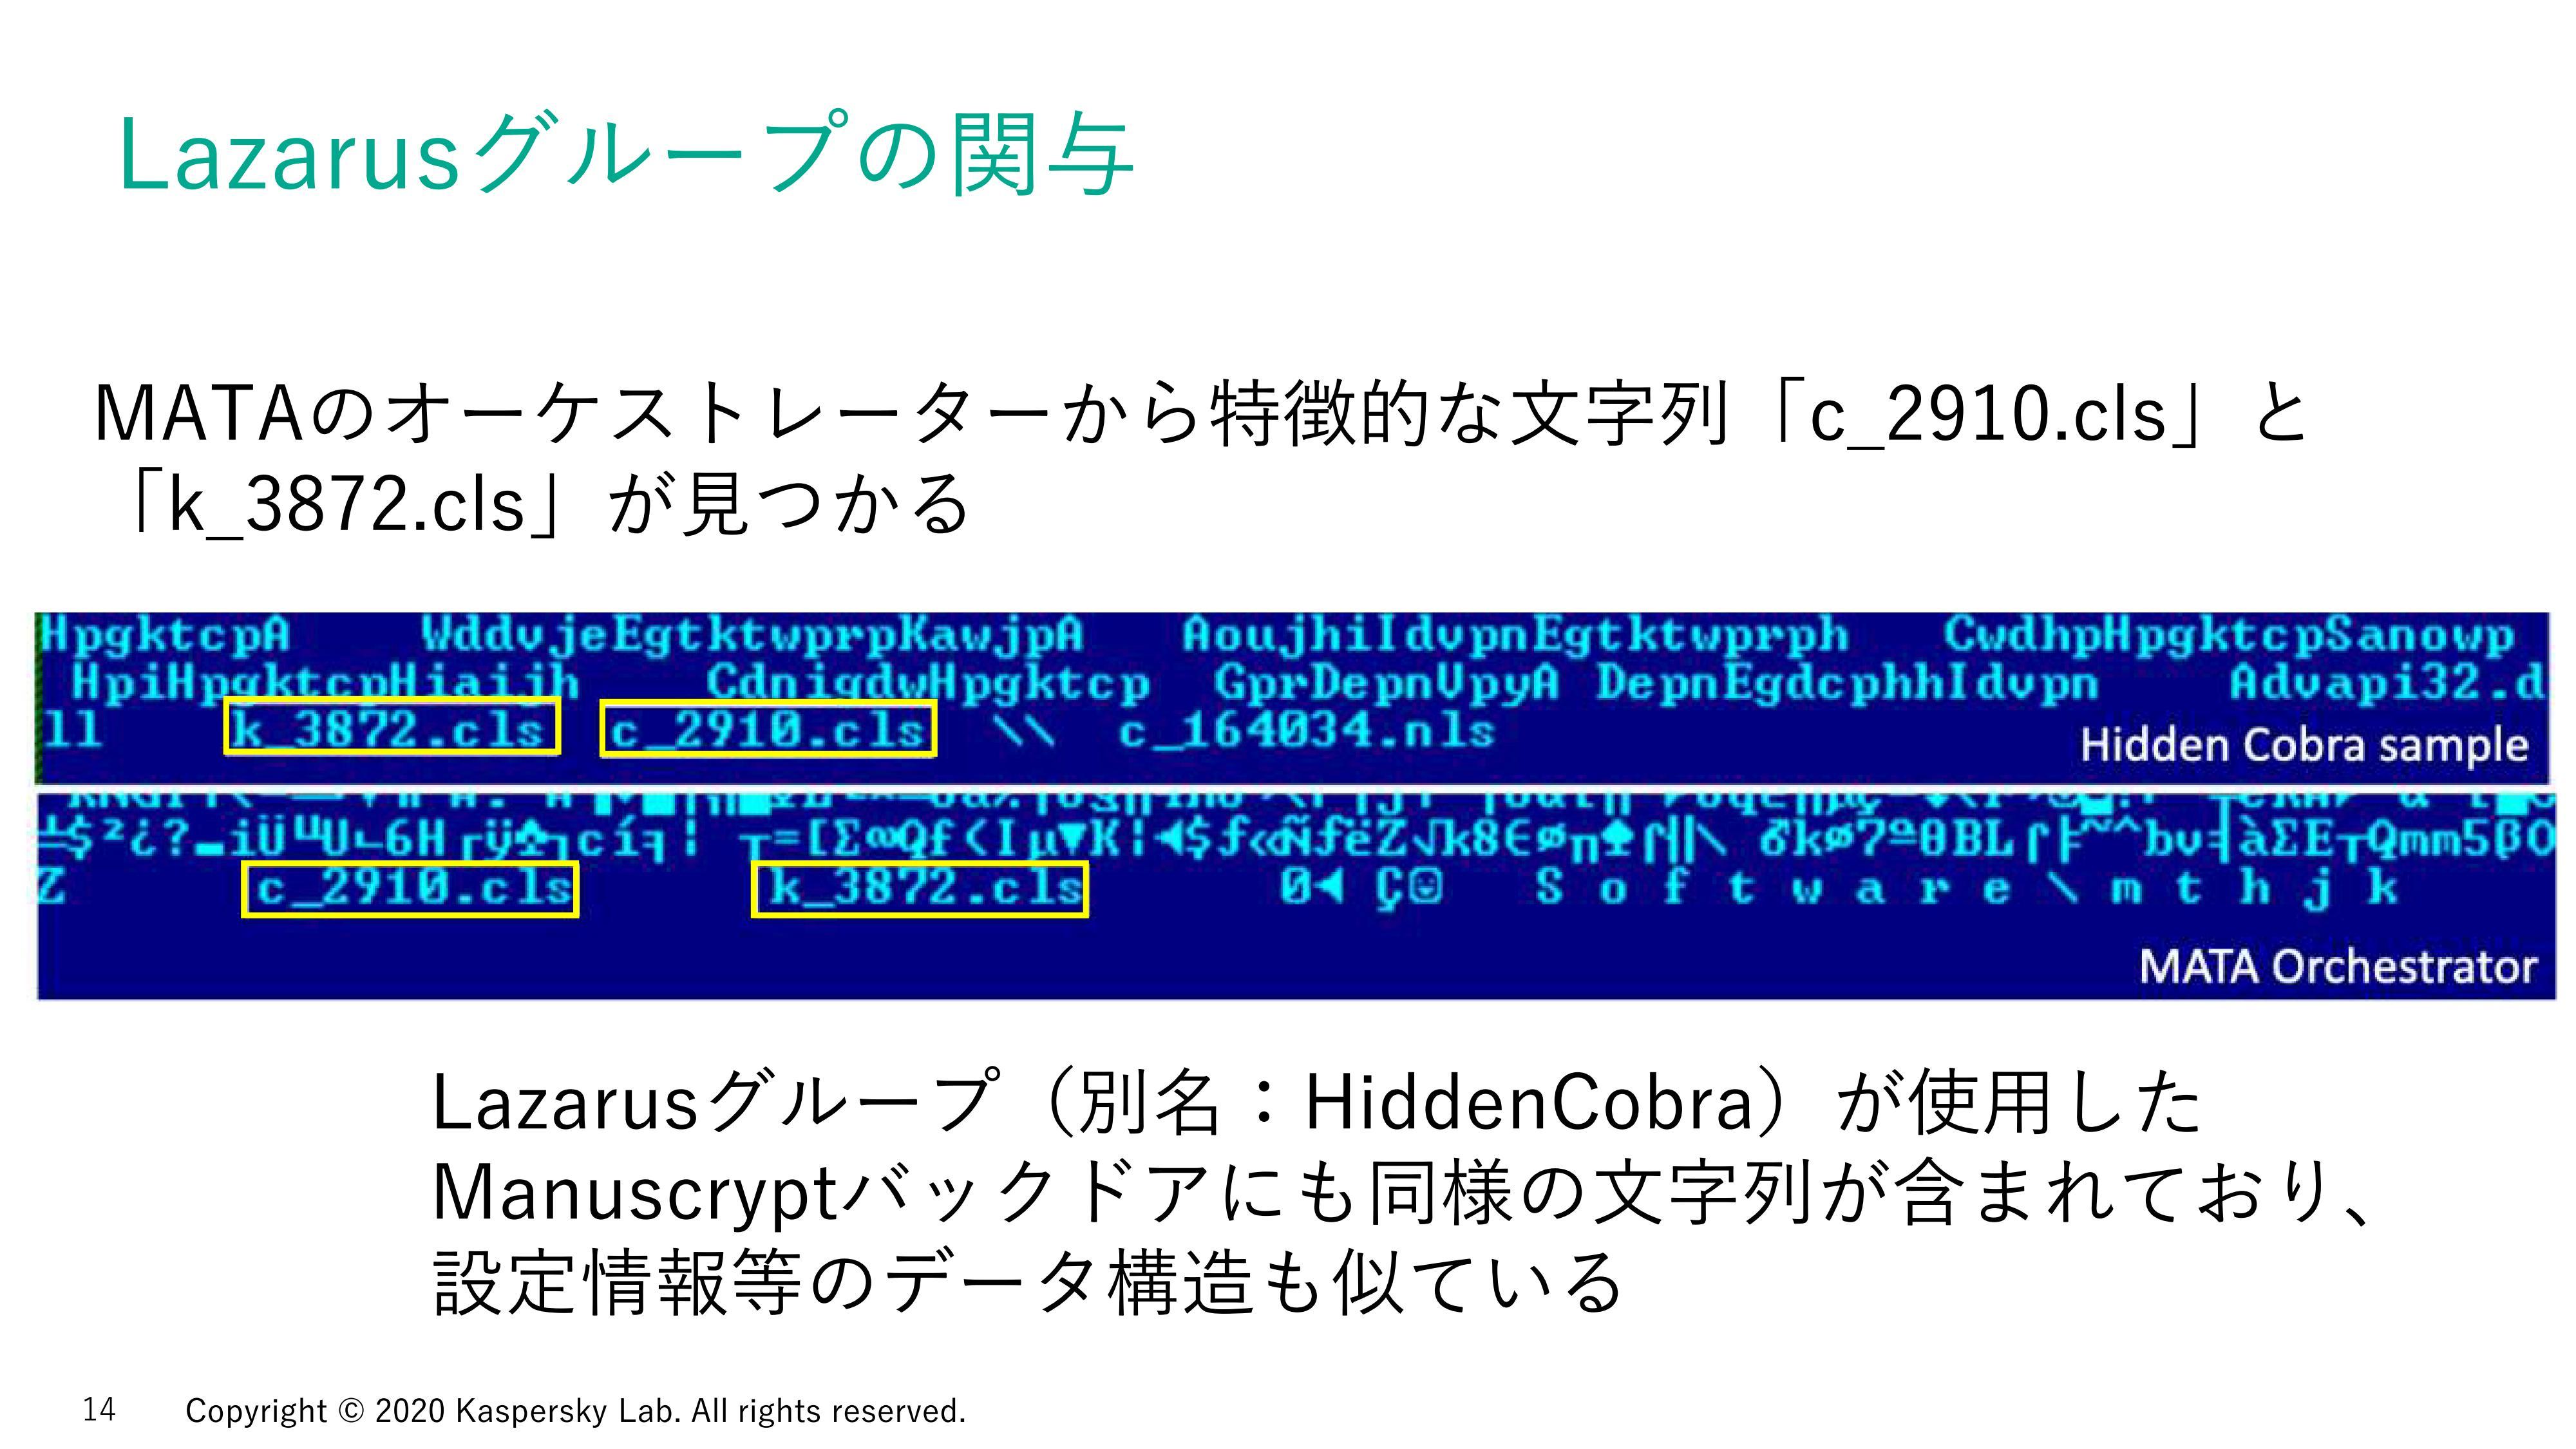 オーケストレーターから特徴的な文字列「c_2910.cls」「k_3872.cls」が見つかった